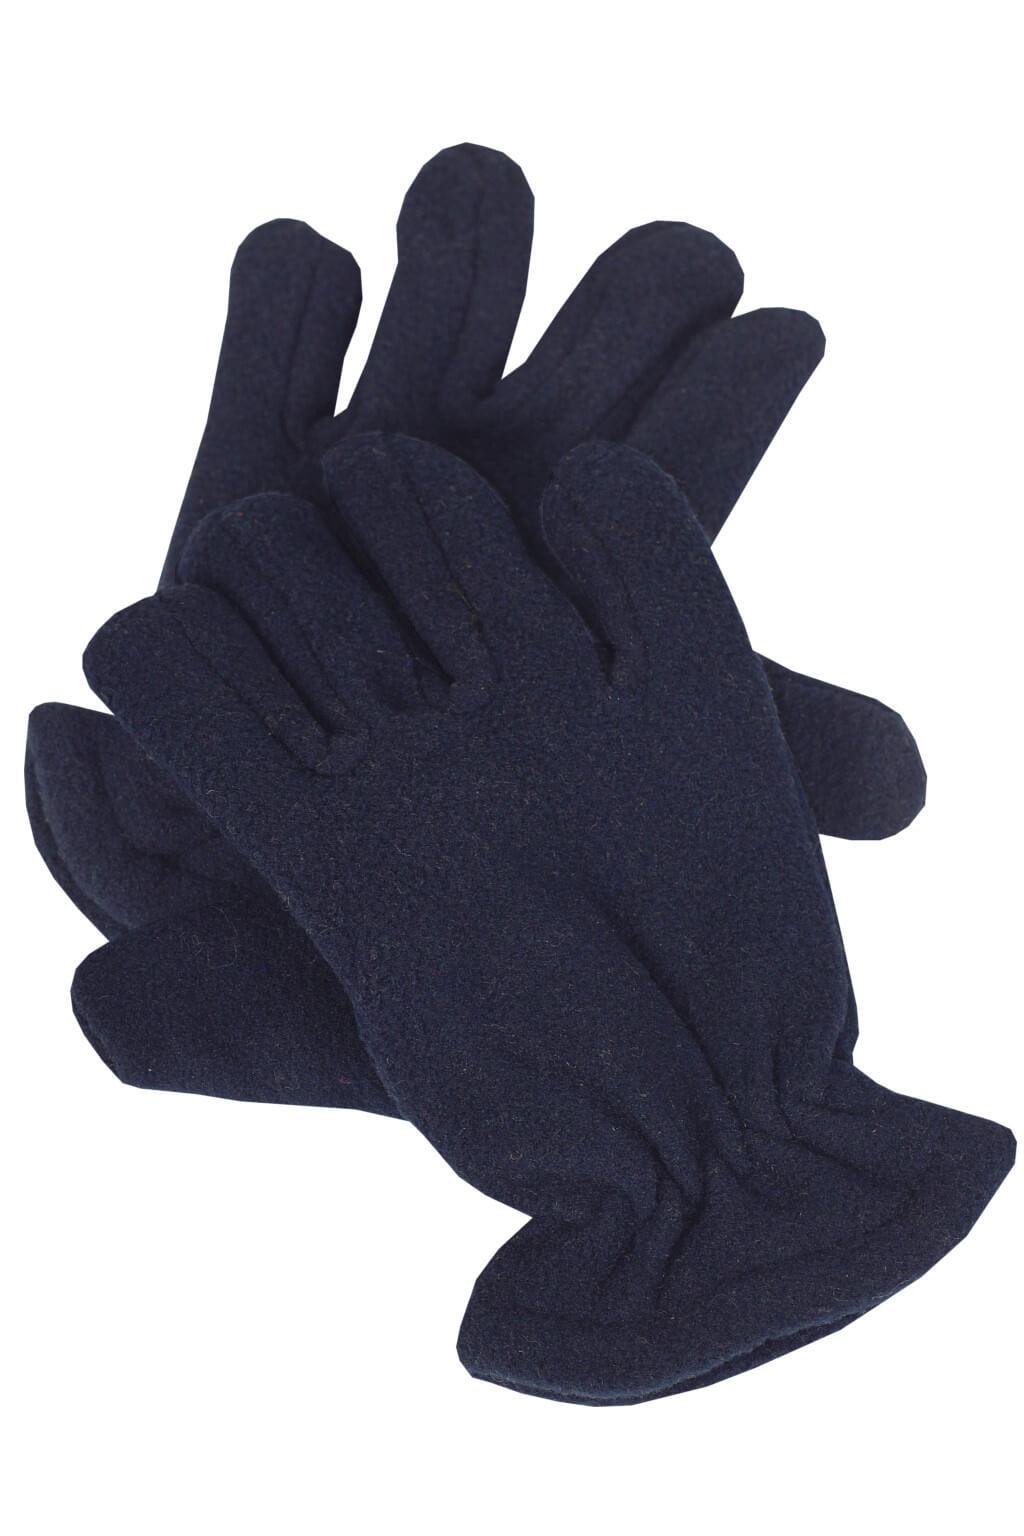 568633af477 Dinny rukavice dětské 7-8 let tmavě modrá